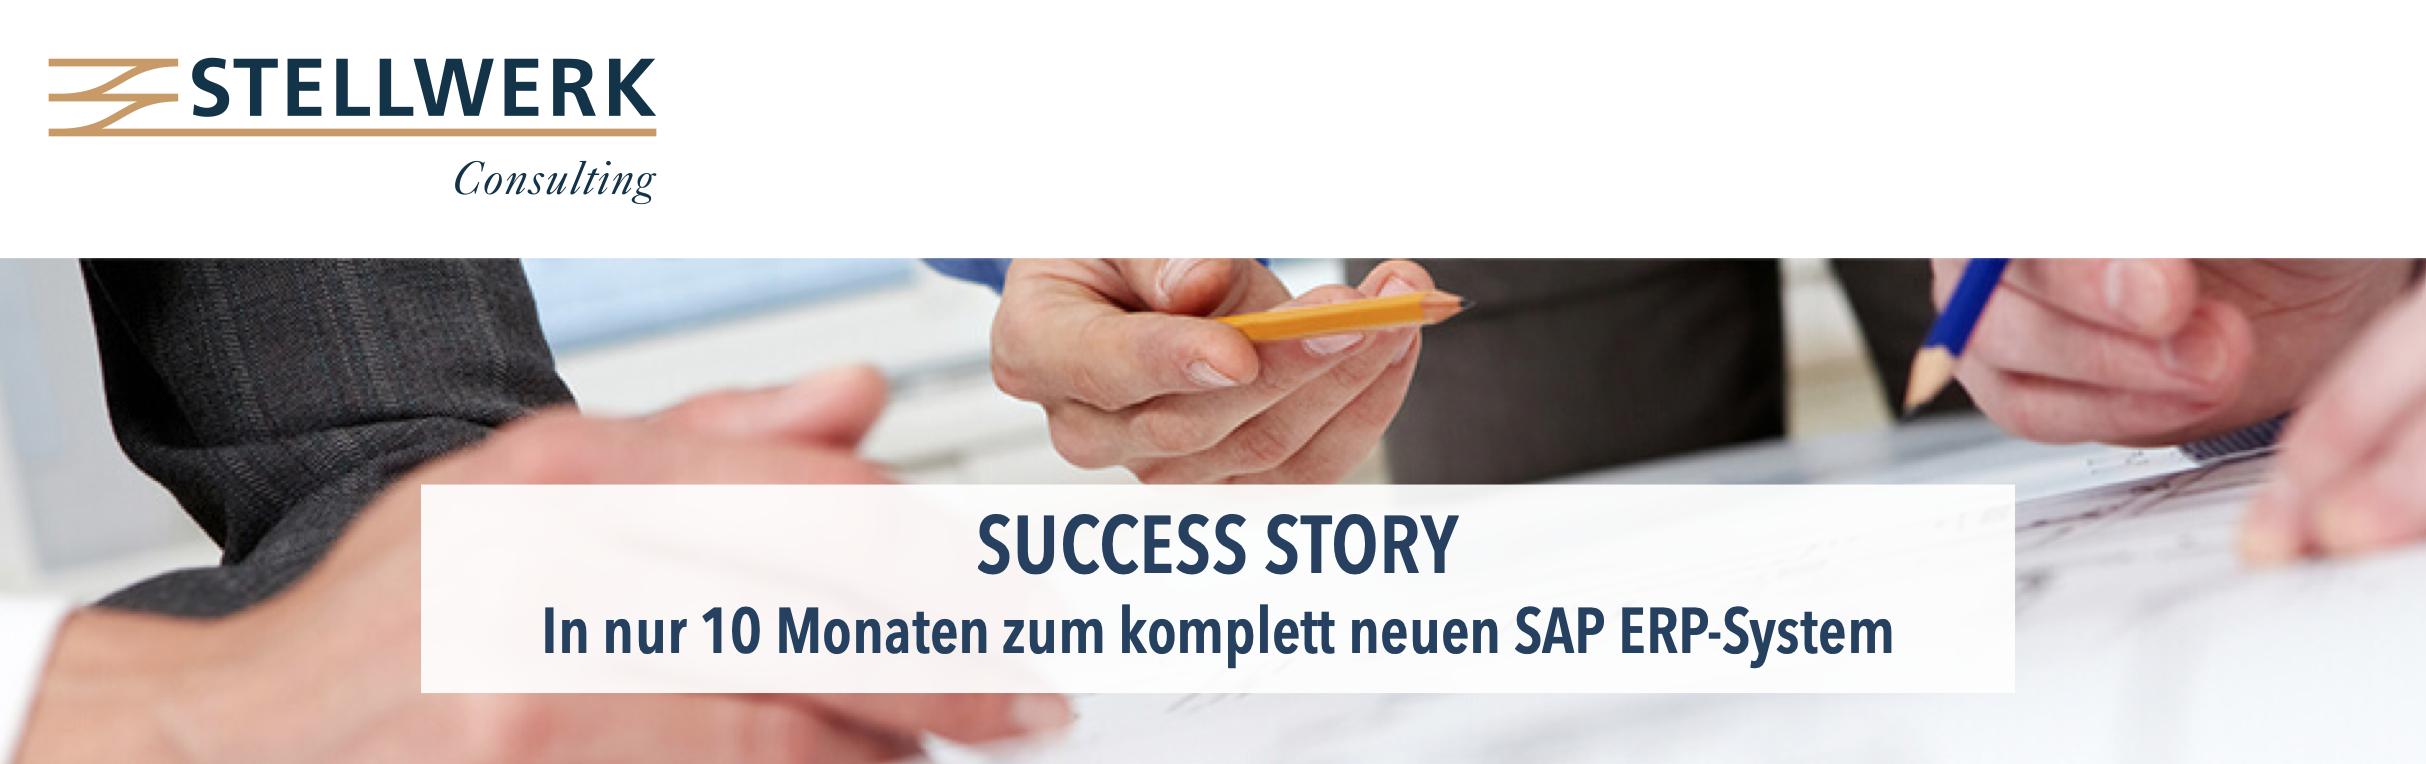 Success Story: In nur 10 Monaten zum komplett neuen SAP ERP-System